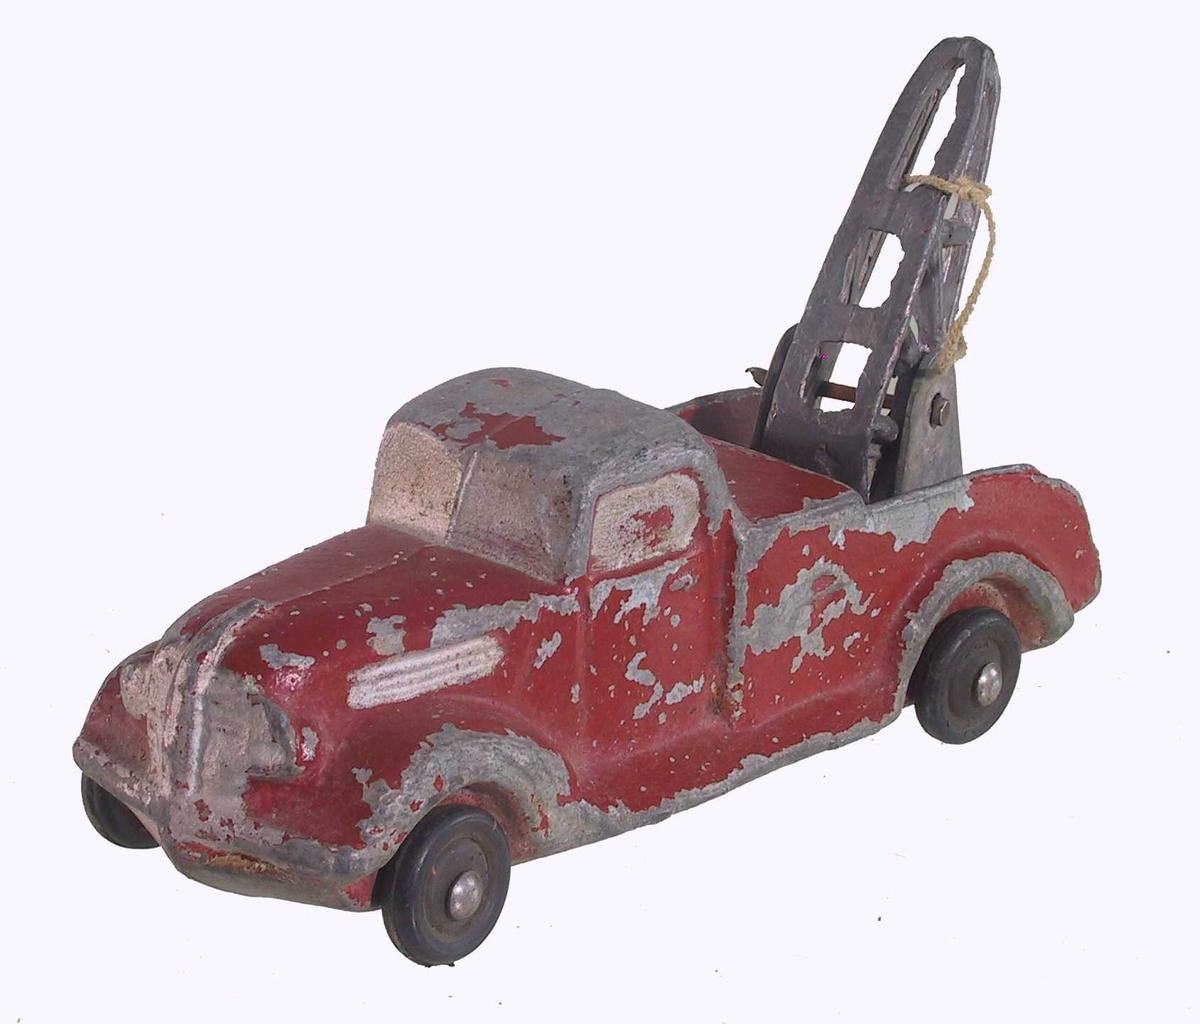 Form: Lekebil formet som lastebil med heisekran. Støpt i et stykke, med løse hjul festet på stift foran og bak, og svingbar heisekran festet til lasteplanet.